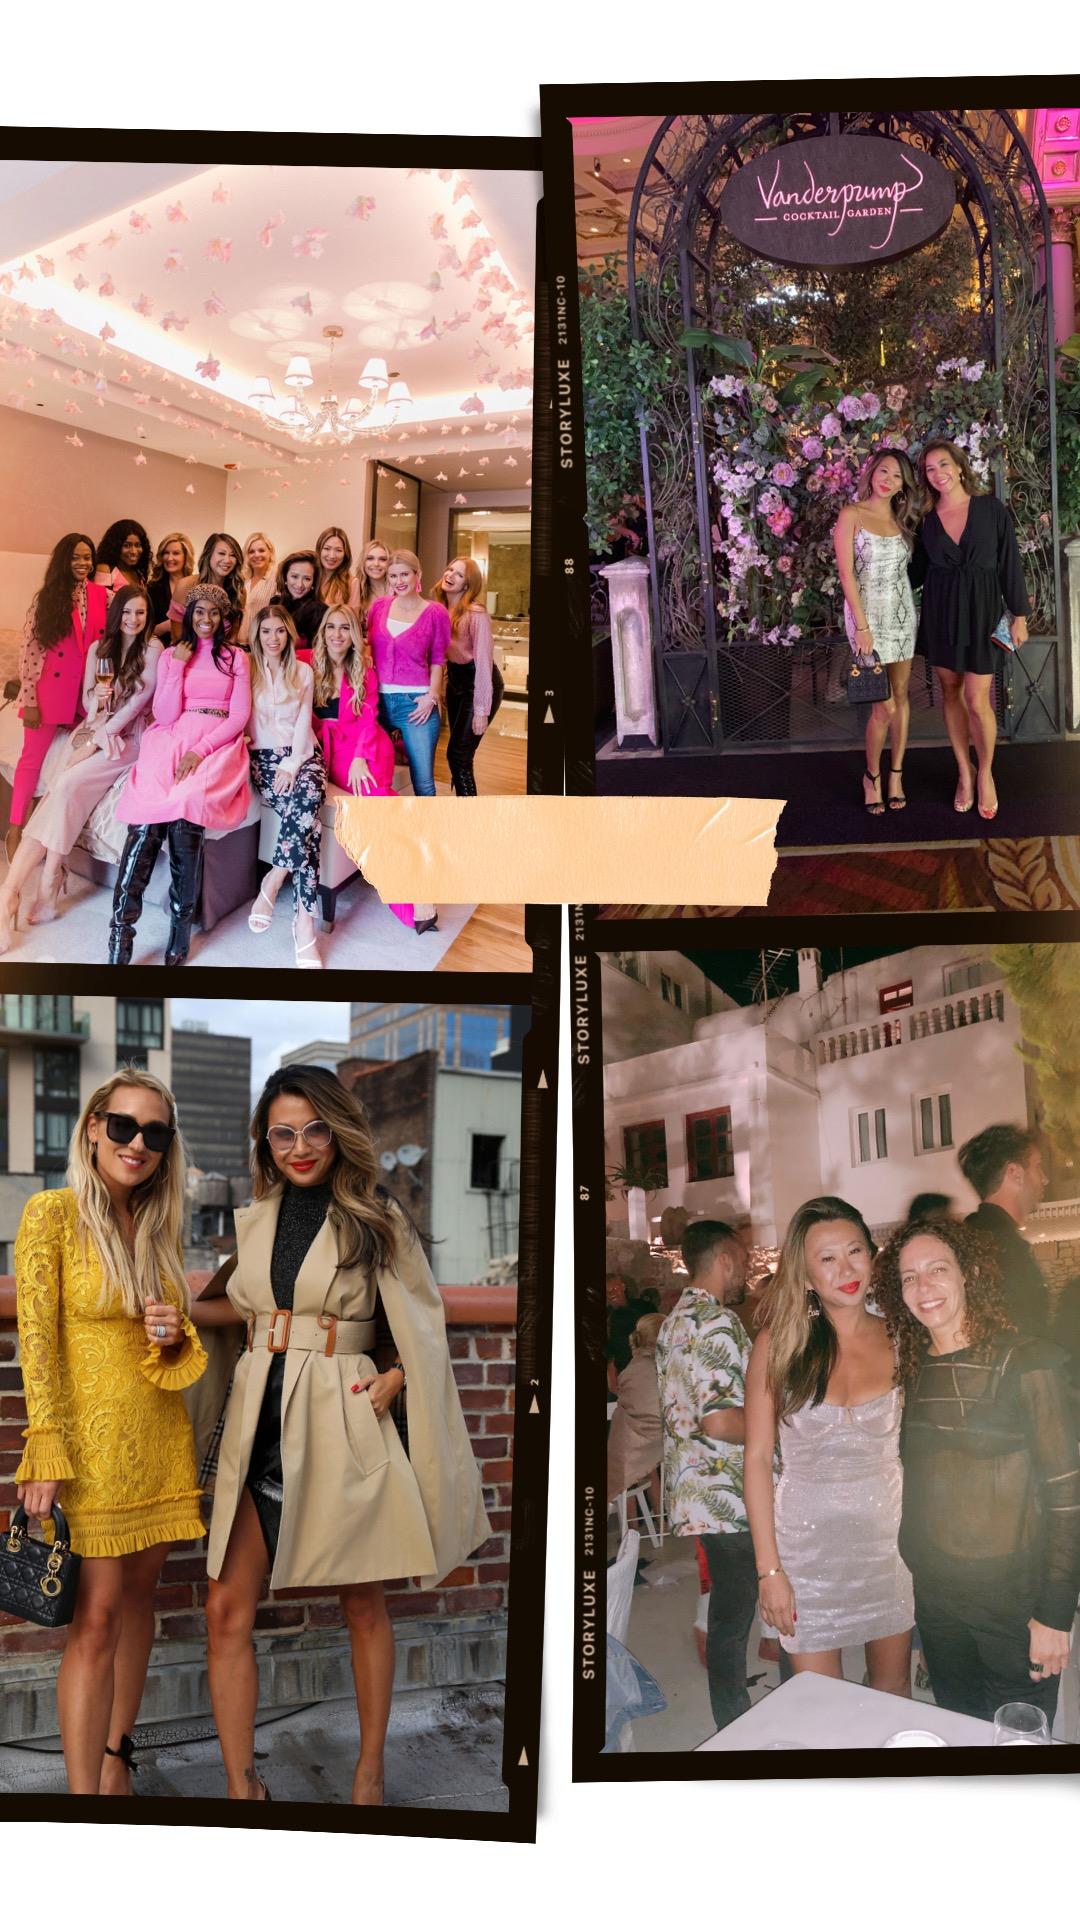 Chicago bloggers, Amanda Ivanelli, Chicago, Style Bloggers